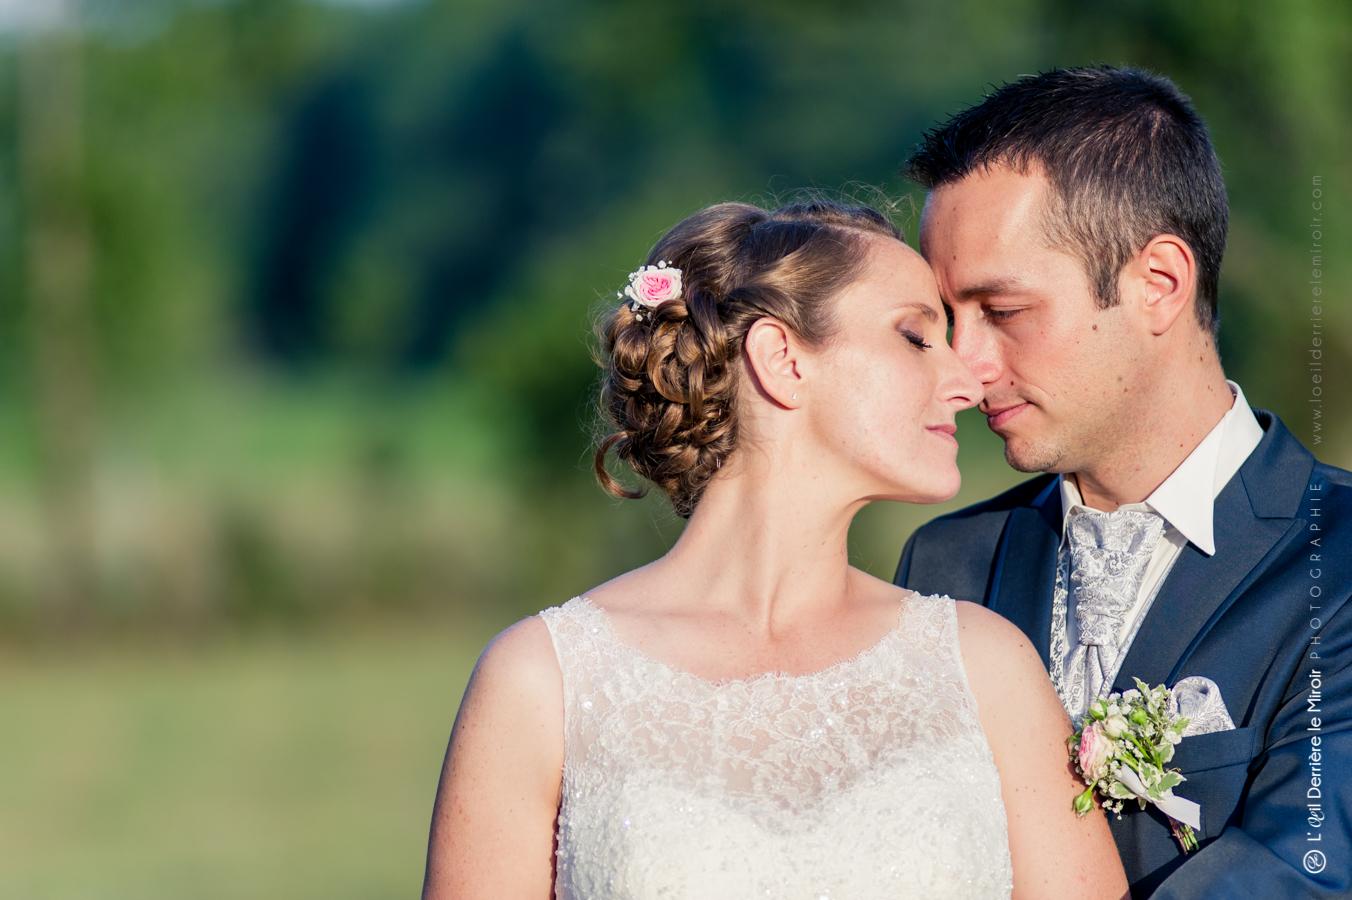 photographe mariage chateau de vaugrenier